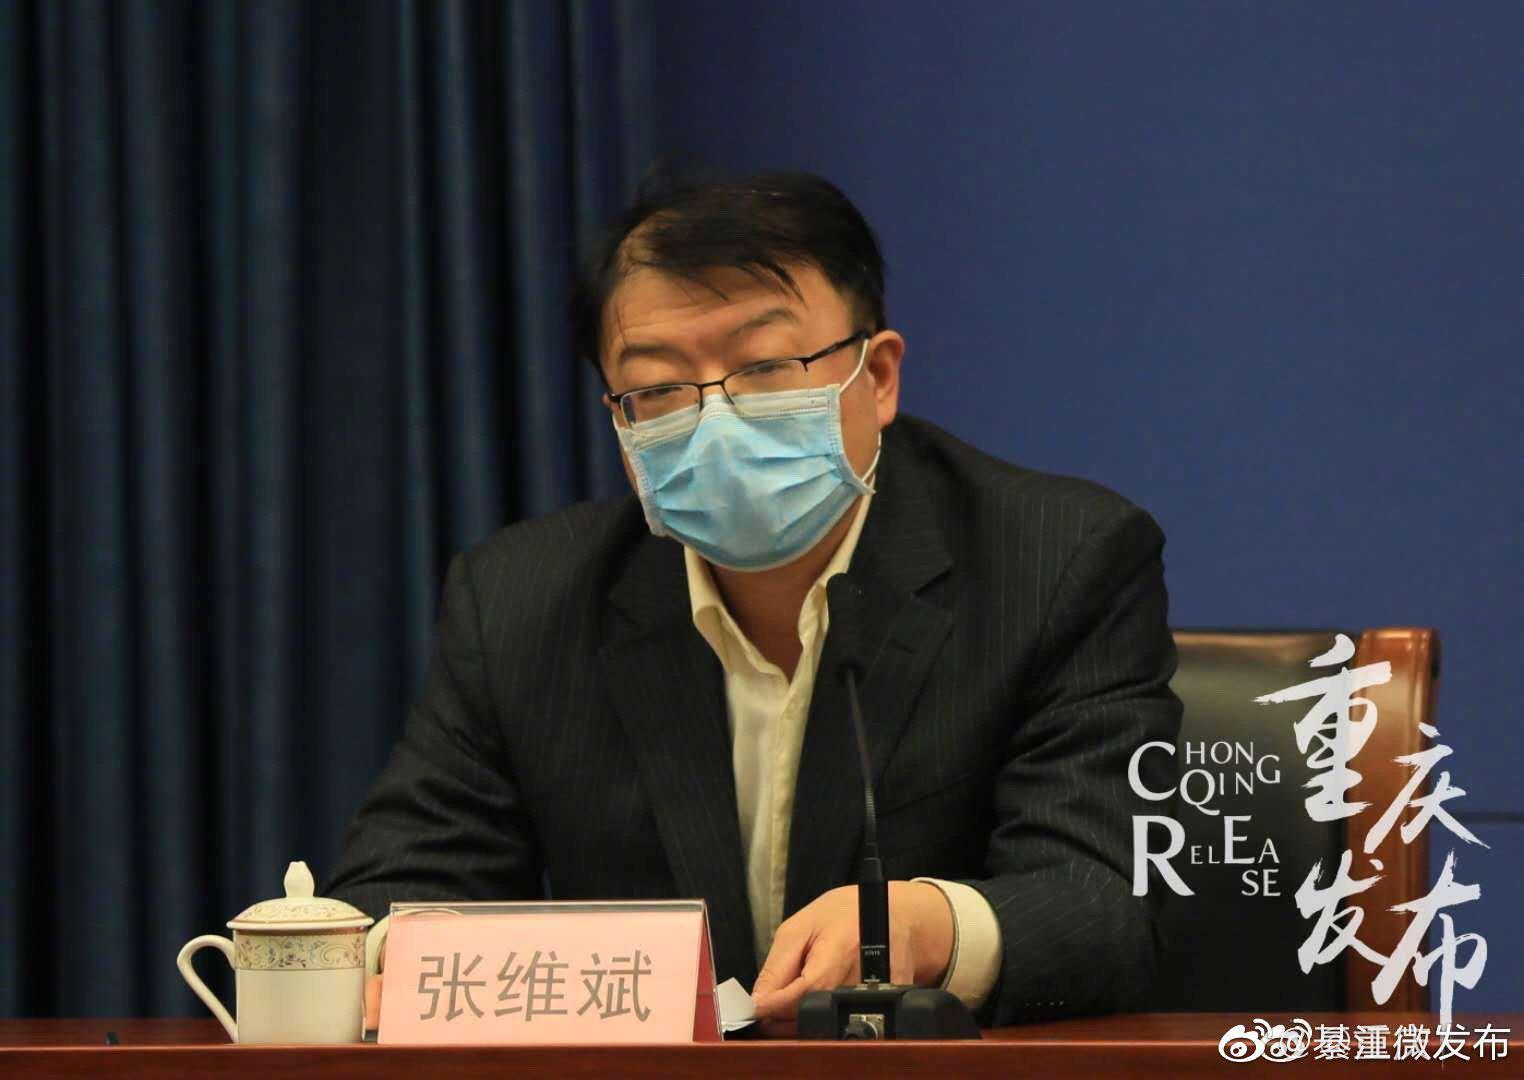 重庆超9成公立医院、民营医院恢复日常医疗服务